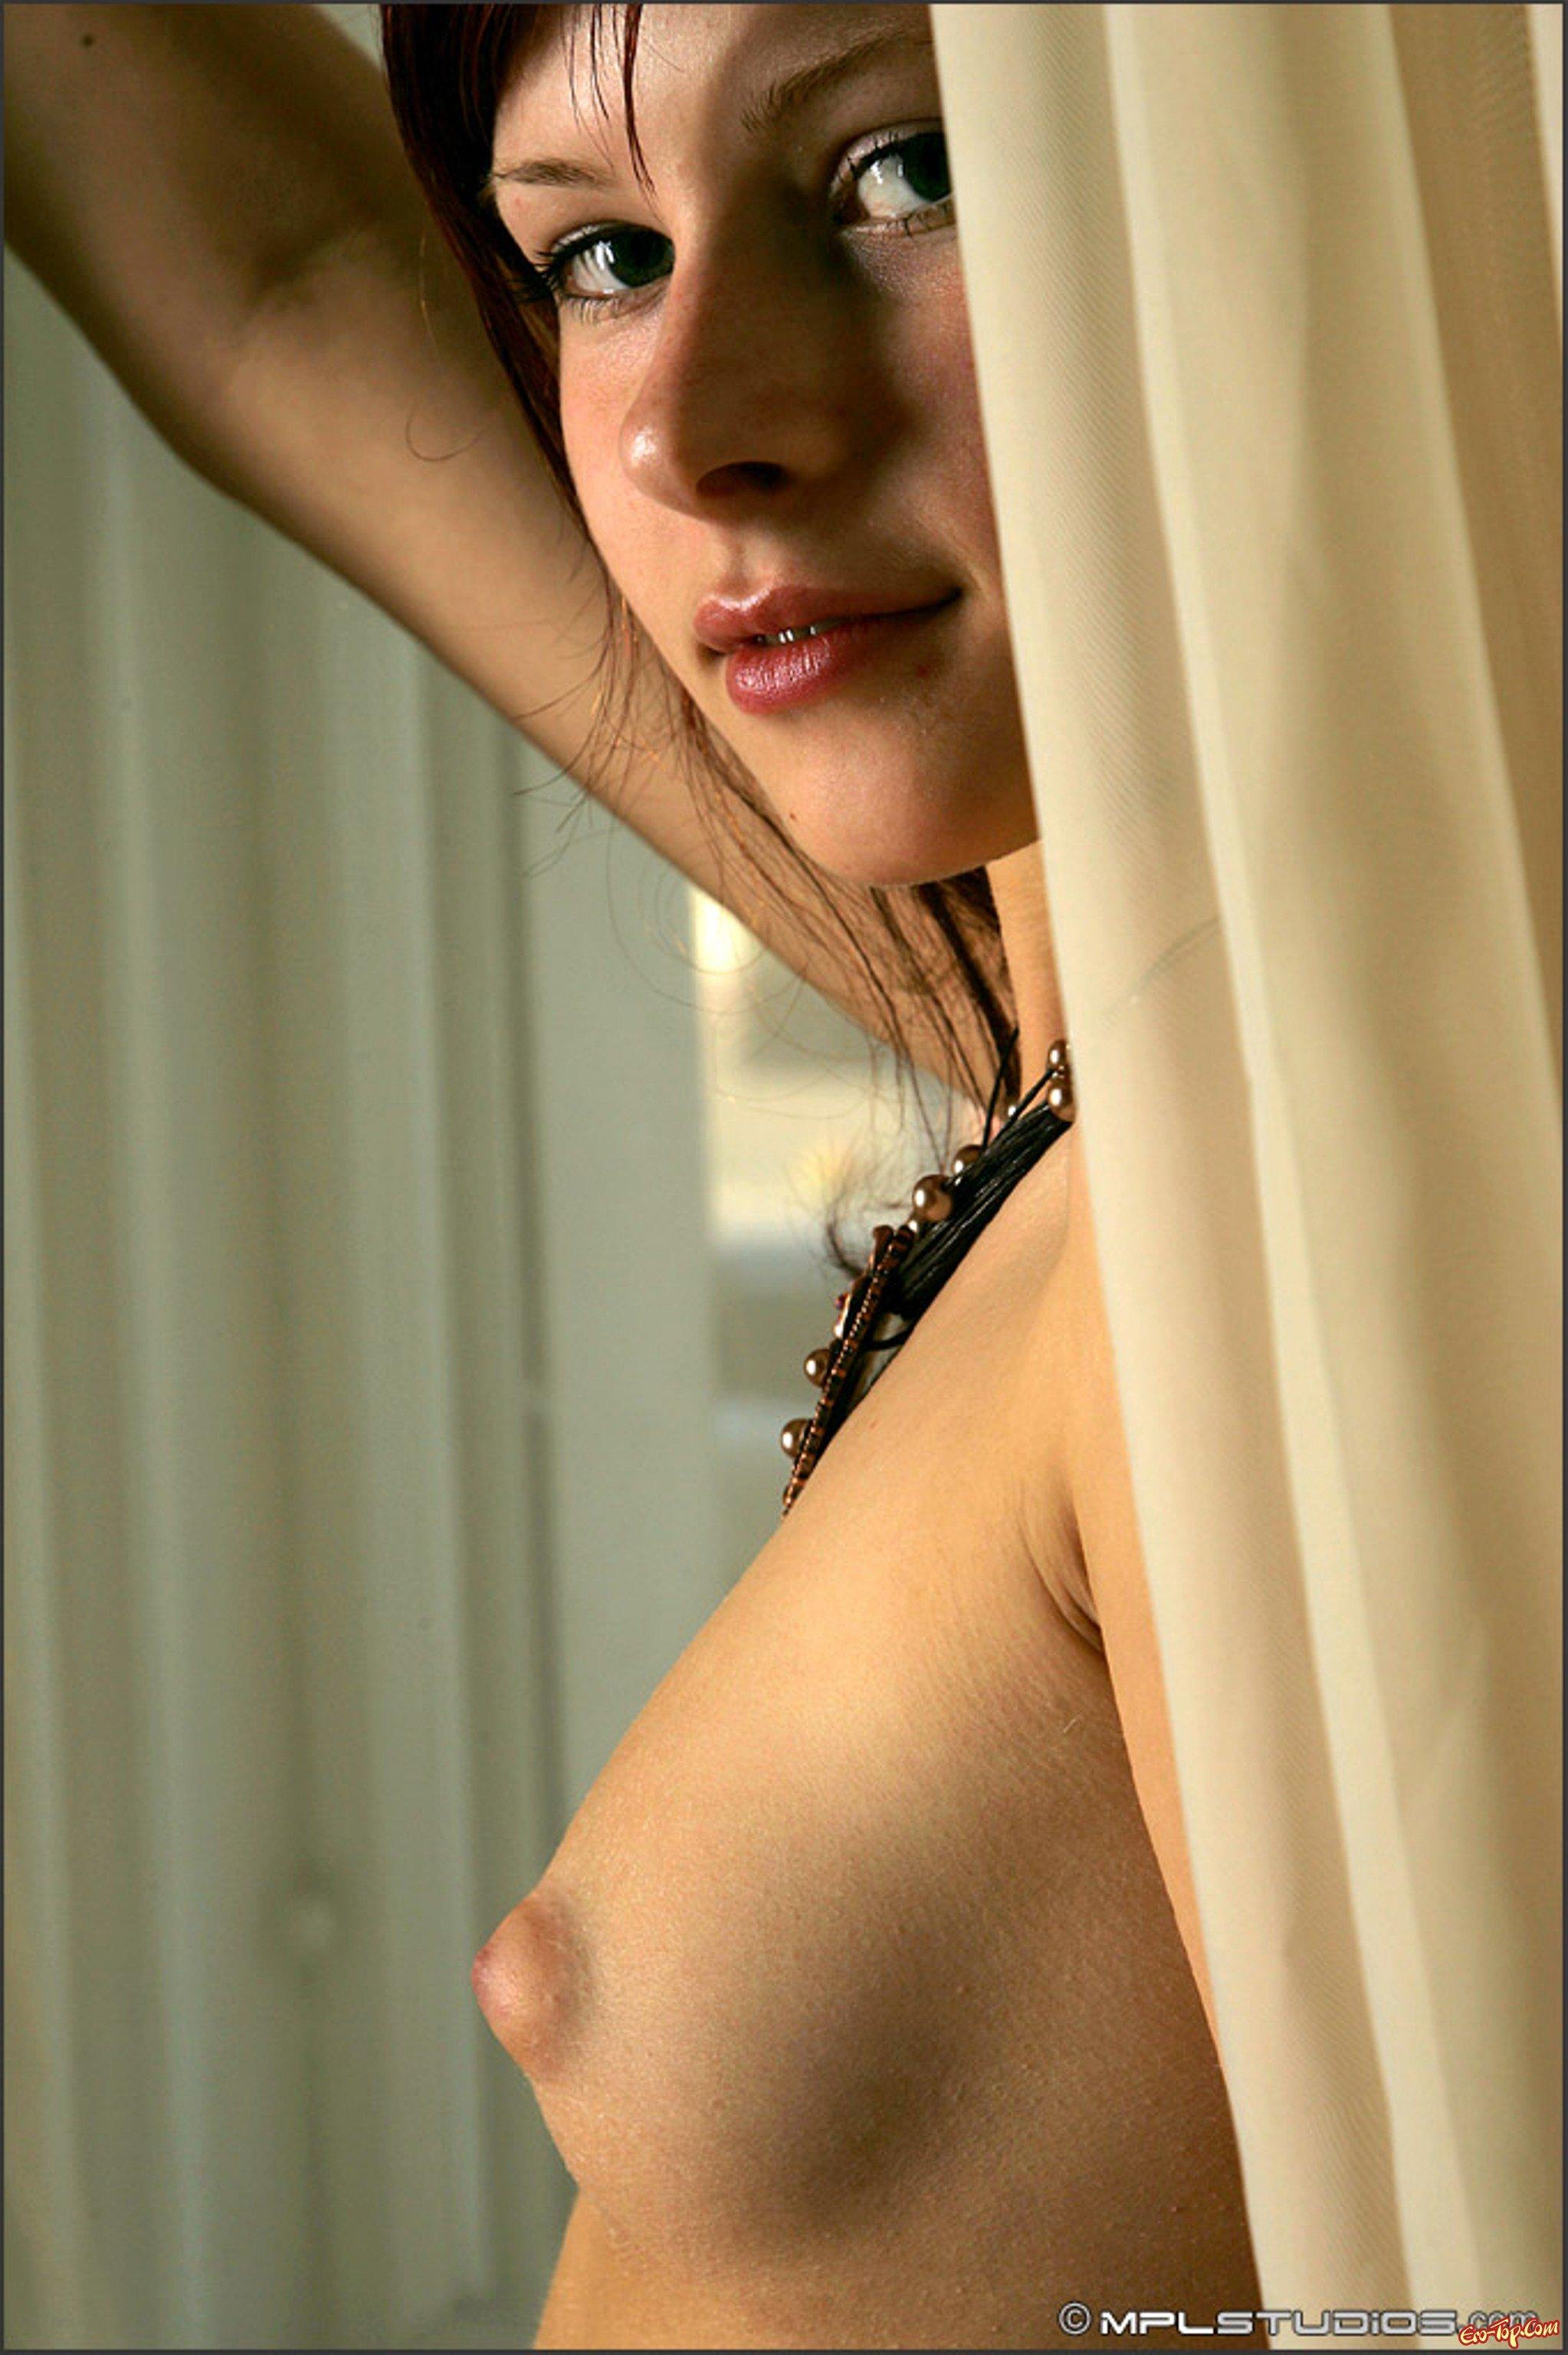 Рыженькая голая девочка